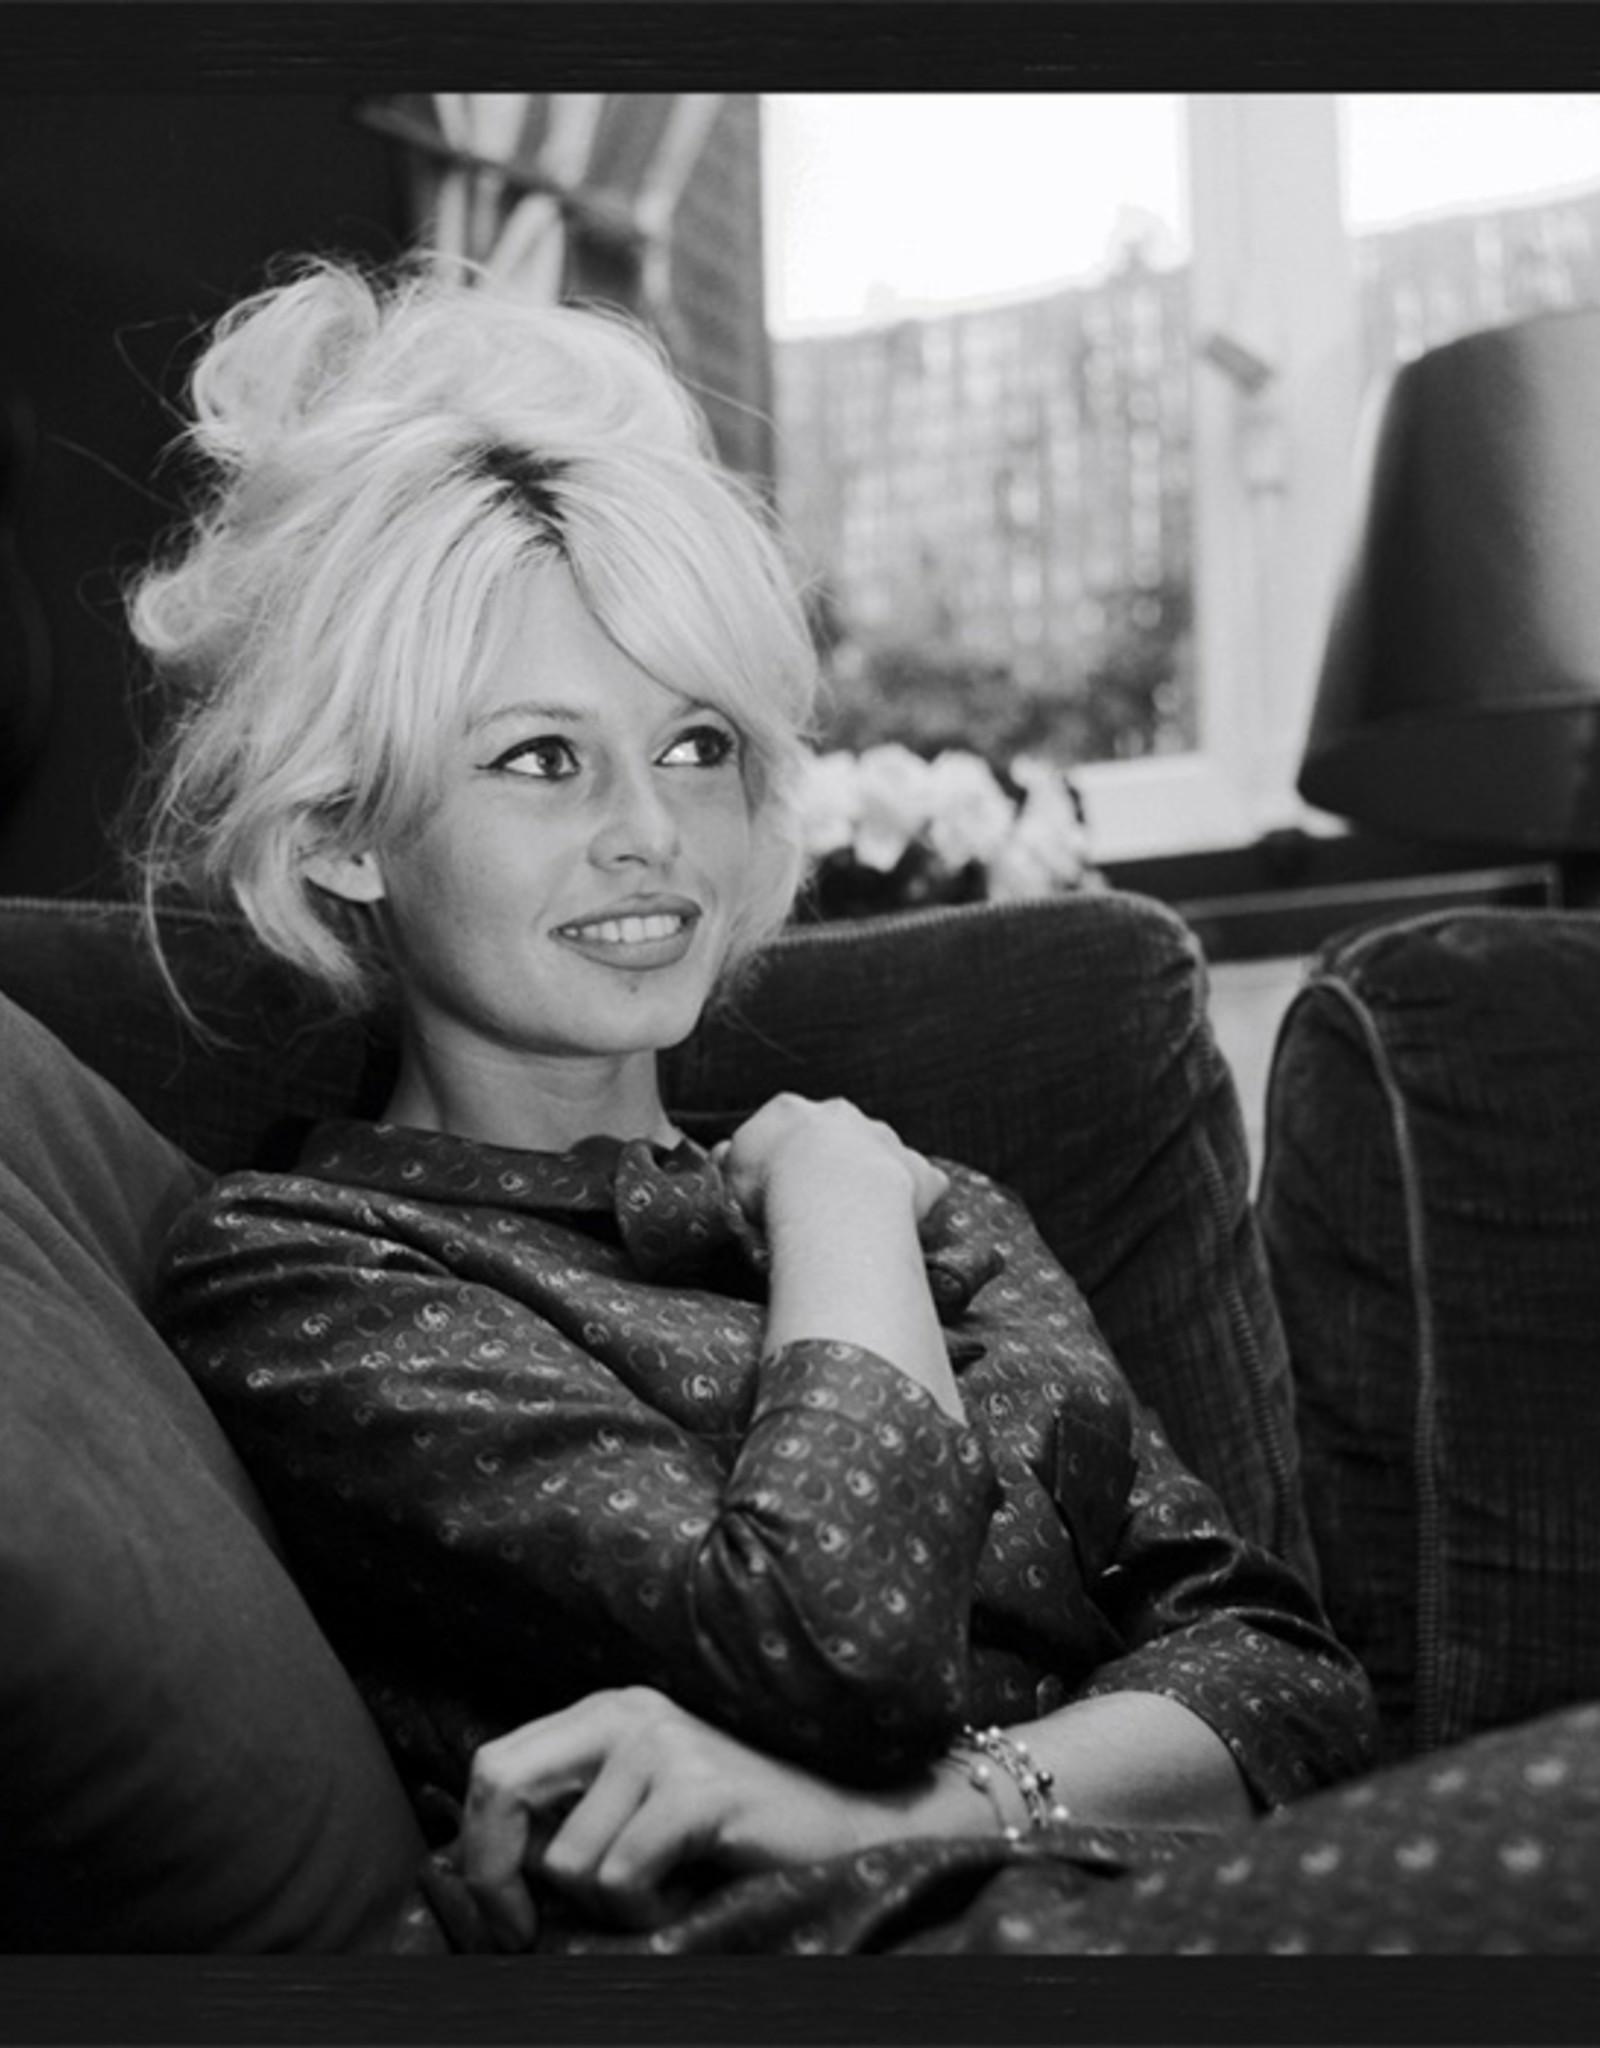 MondiArt Brigitte bardot at home france 40/40